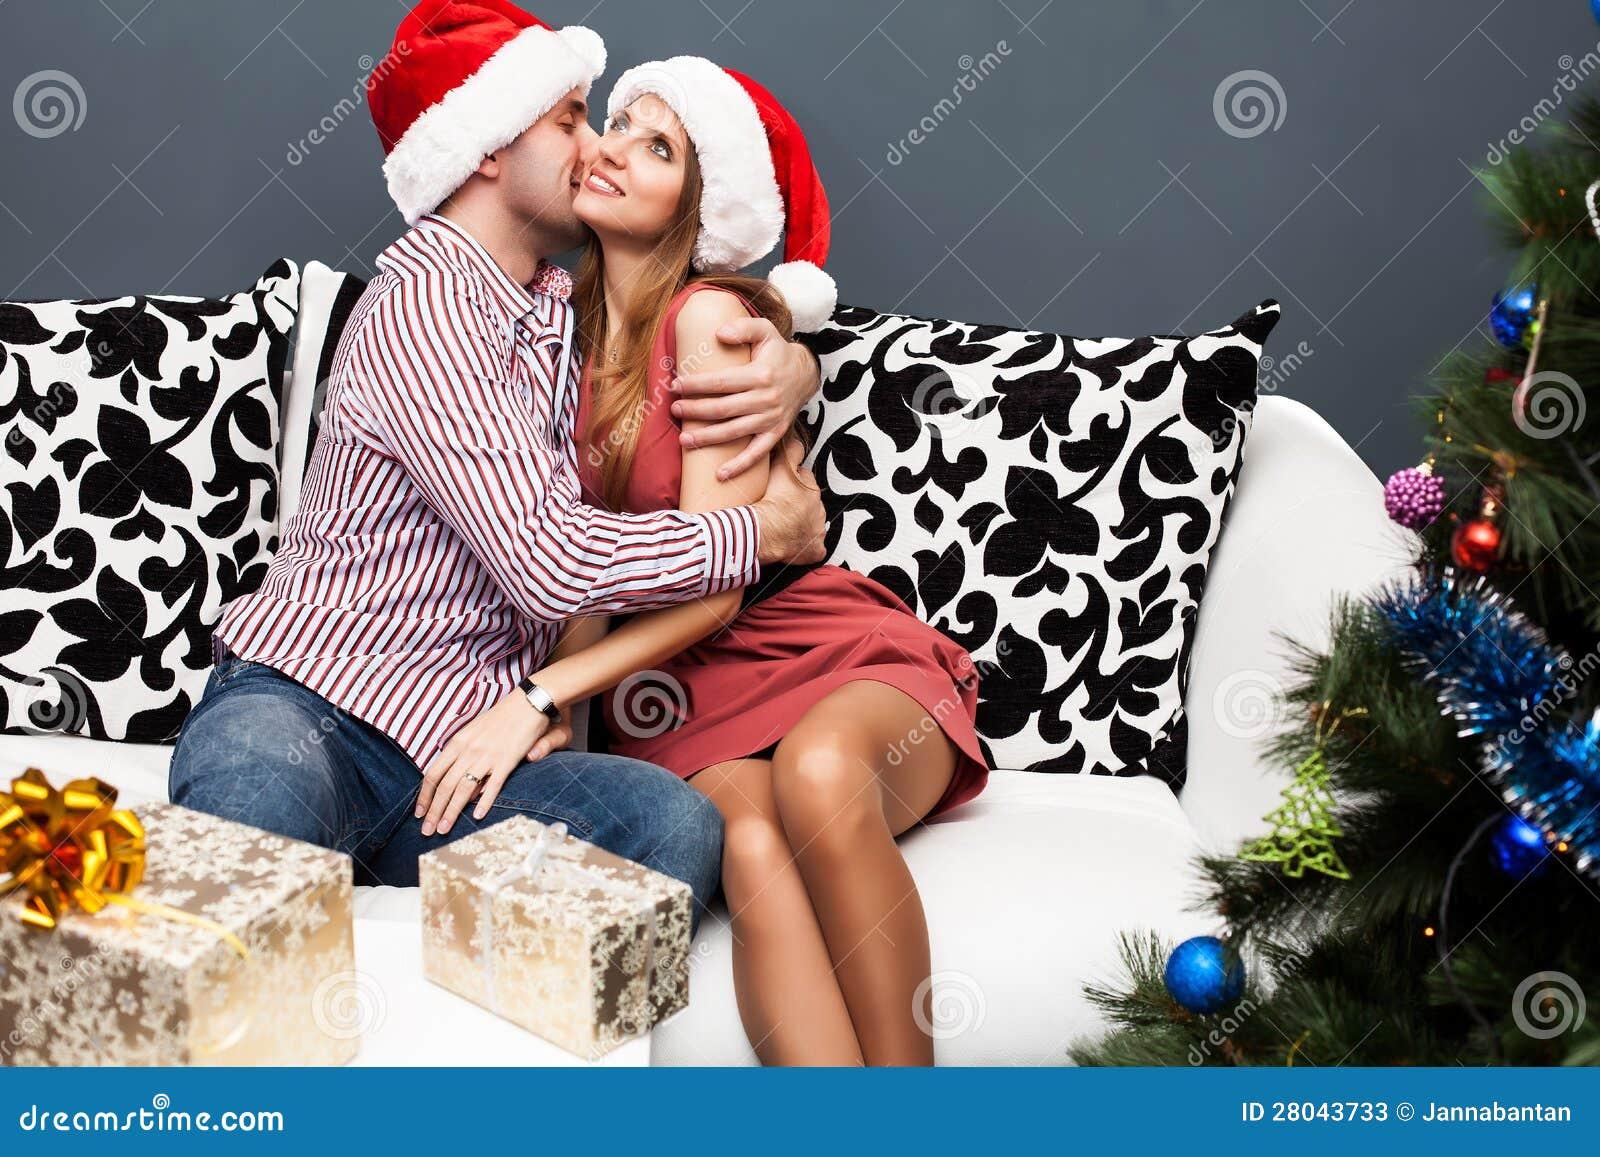 Секс в новогоднего вечера 8 фотография